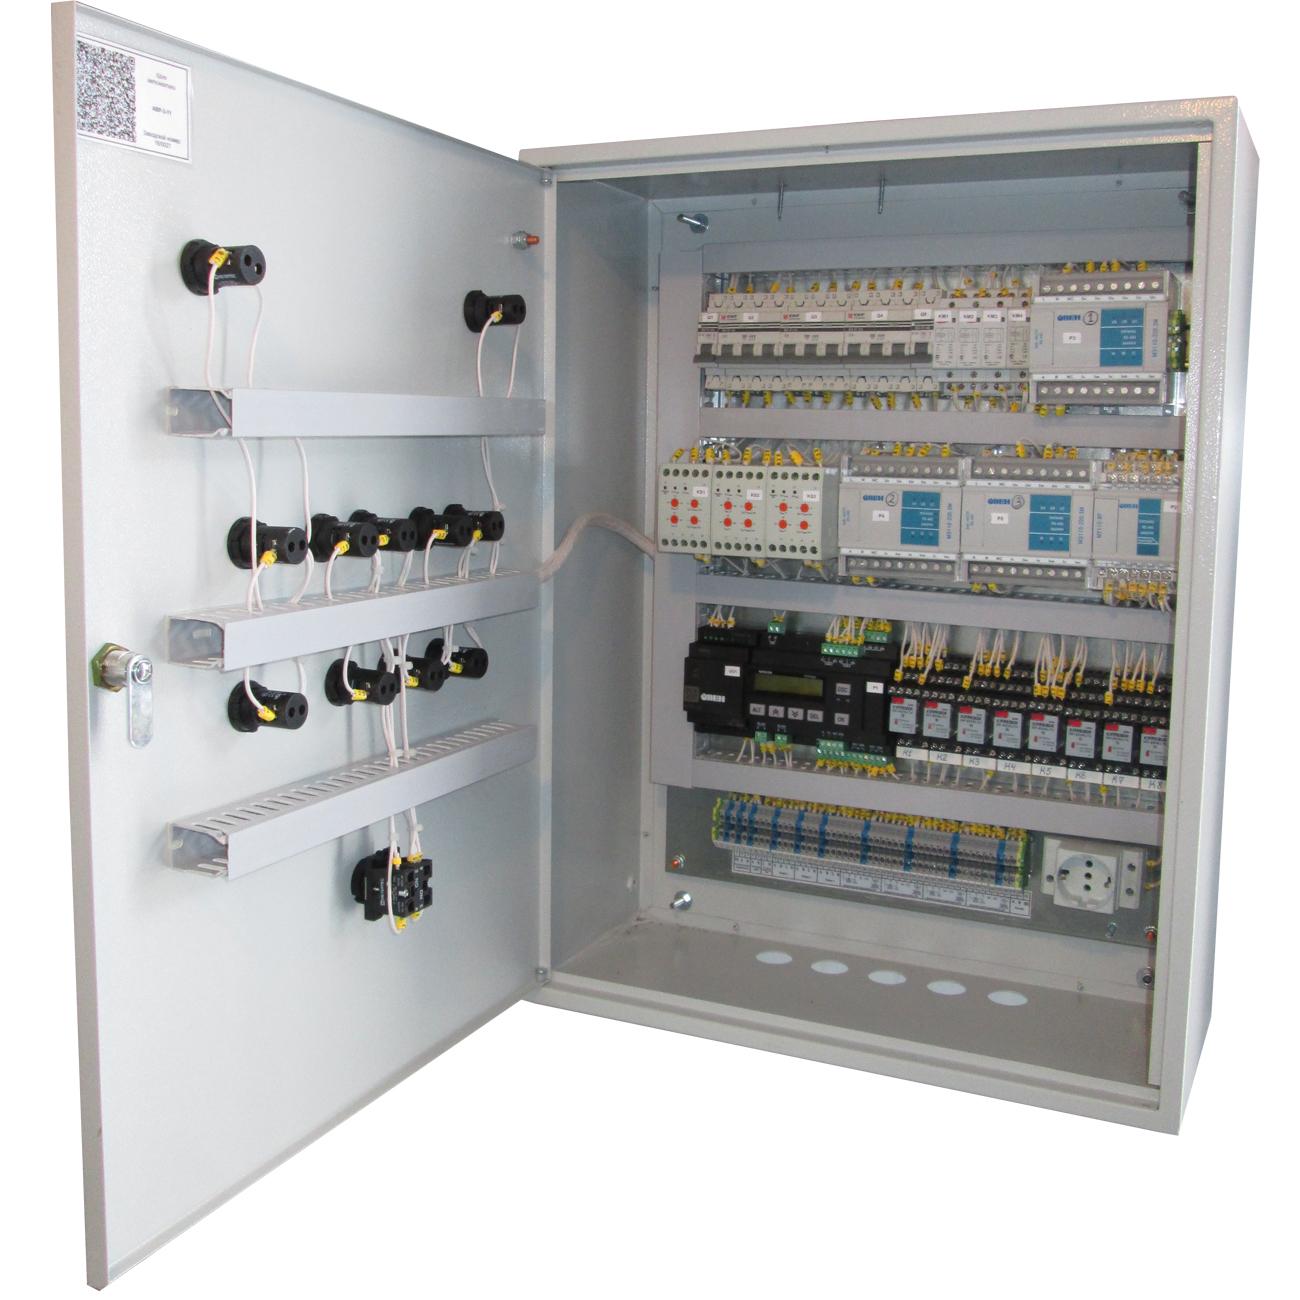 Принципиальная электрическая схема авр